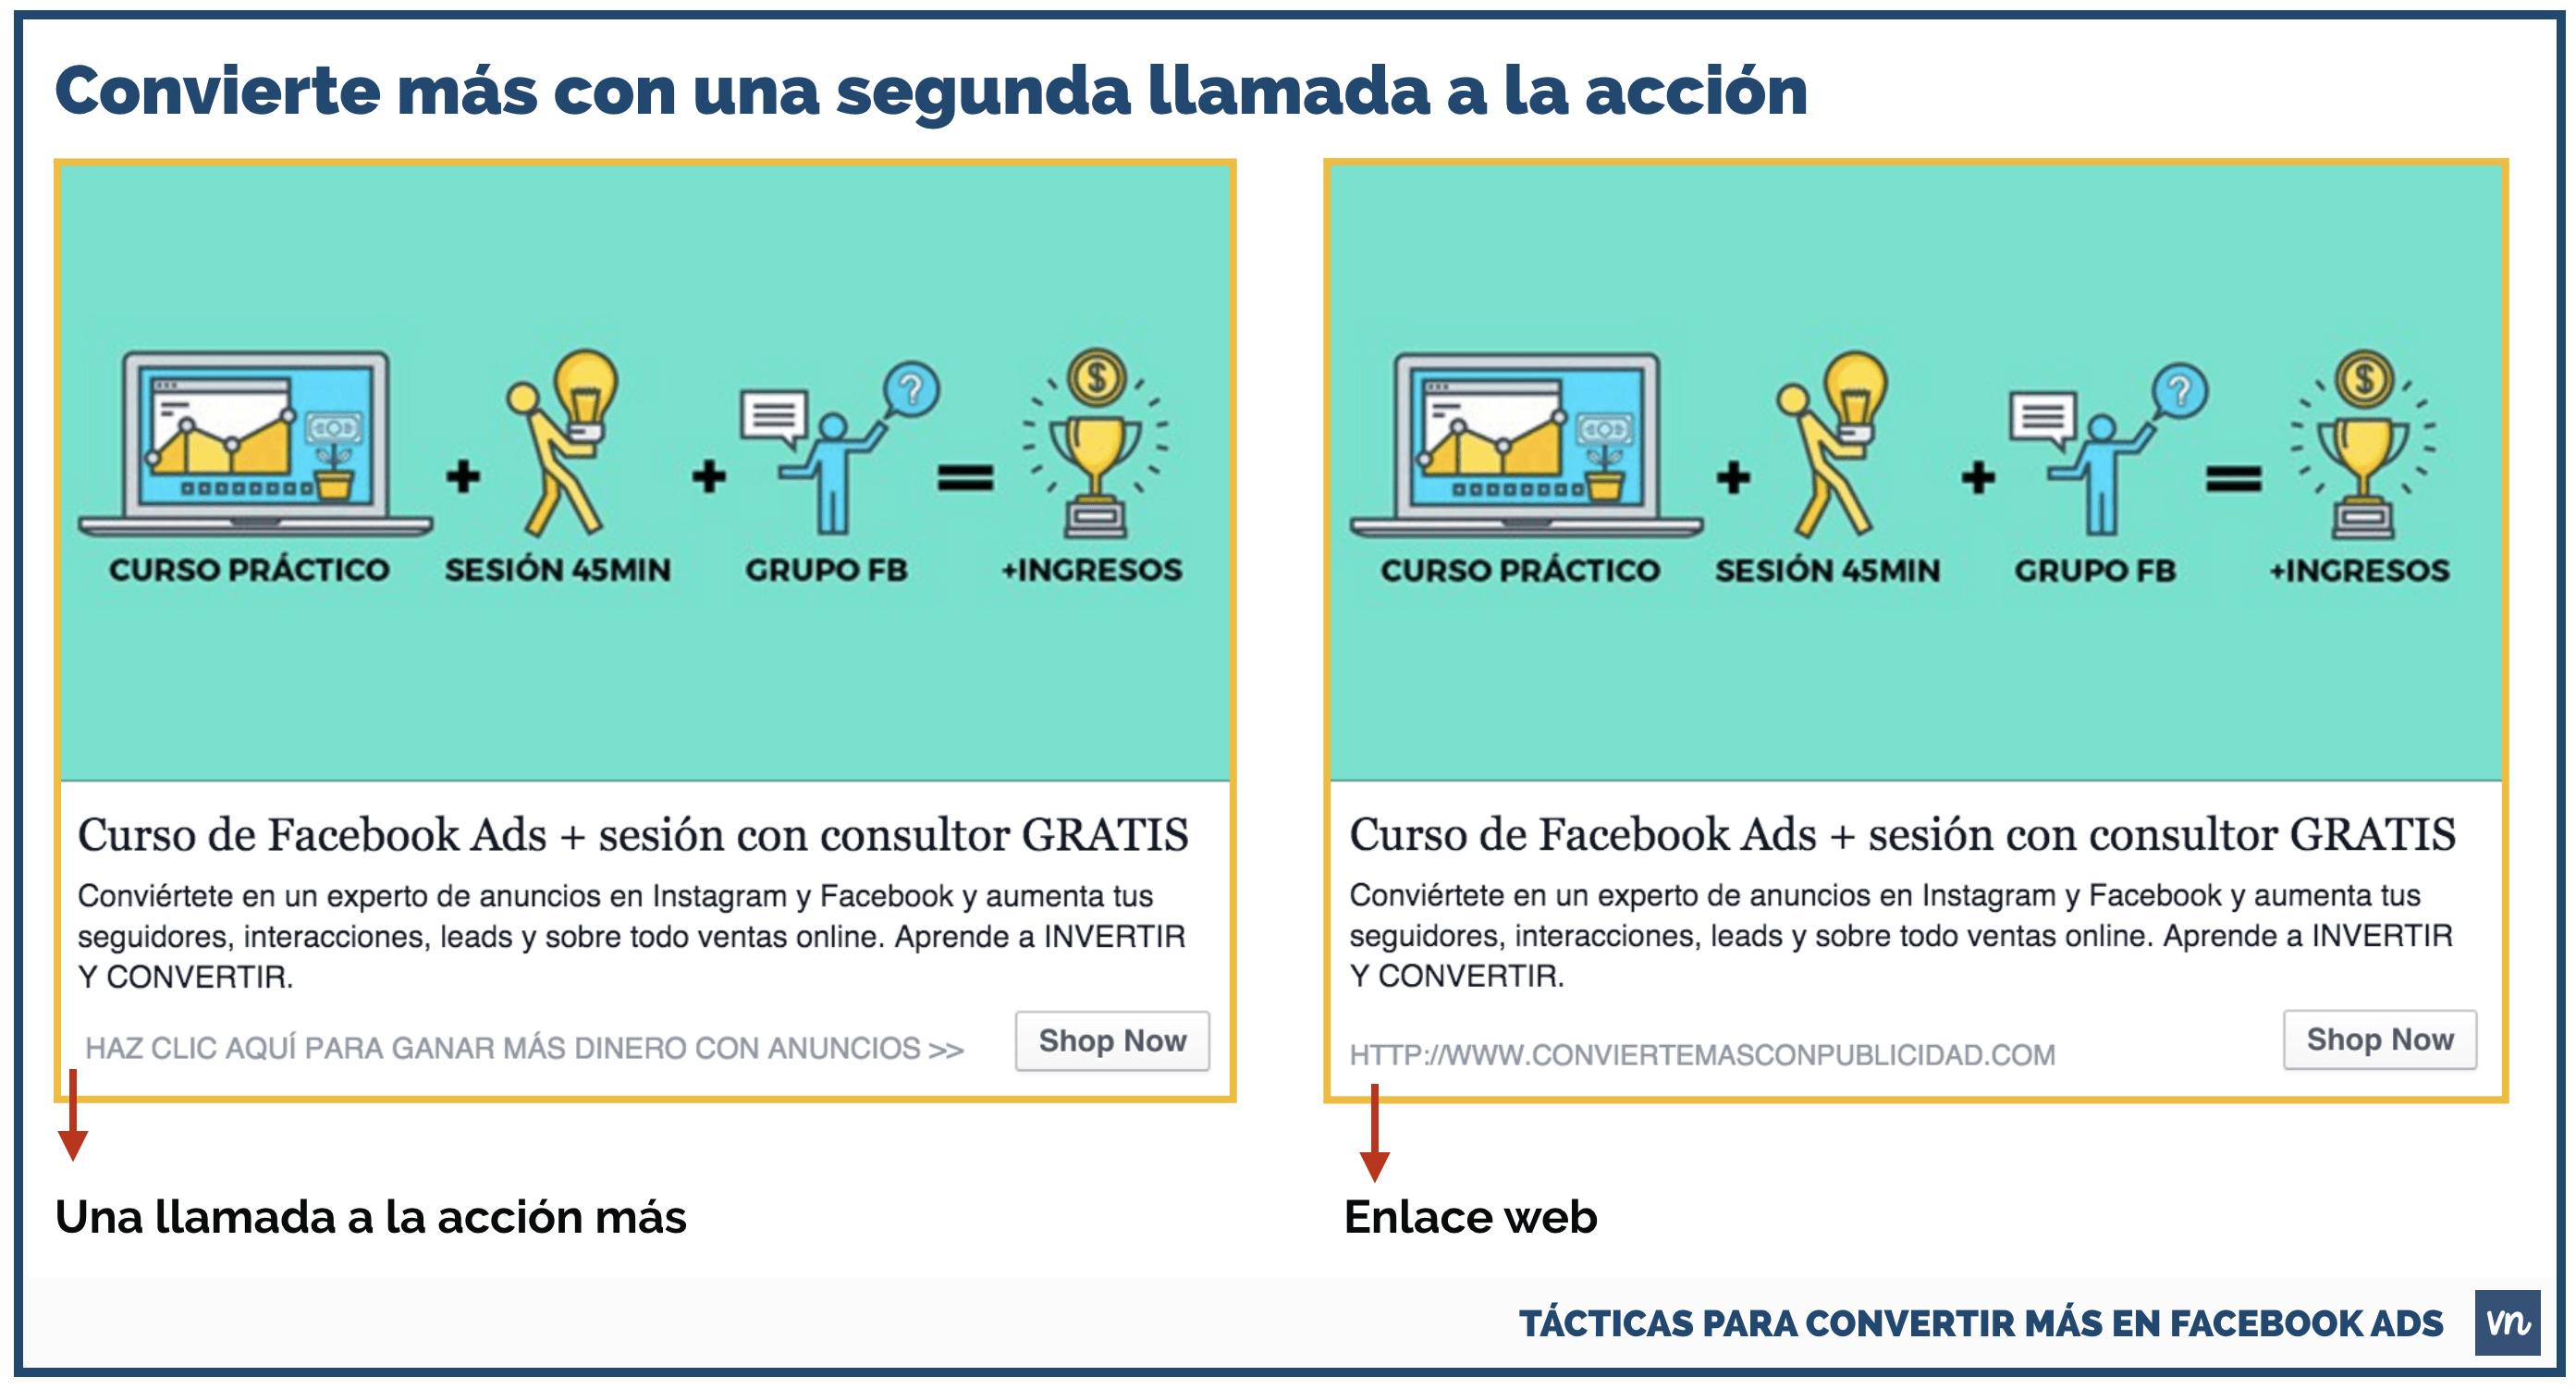 TÁCTICAS PARA CONVERTIR MÁS EN FACEBOOK ADS TEXTO ENLACE